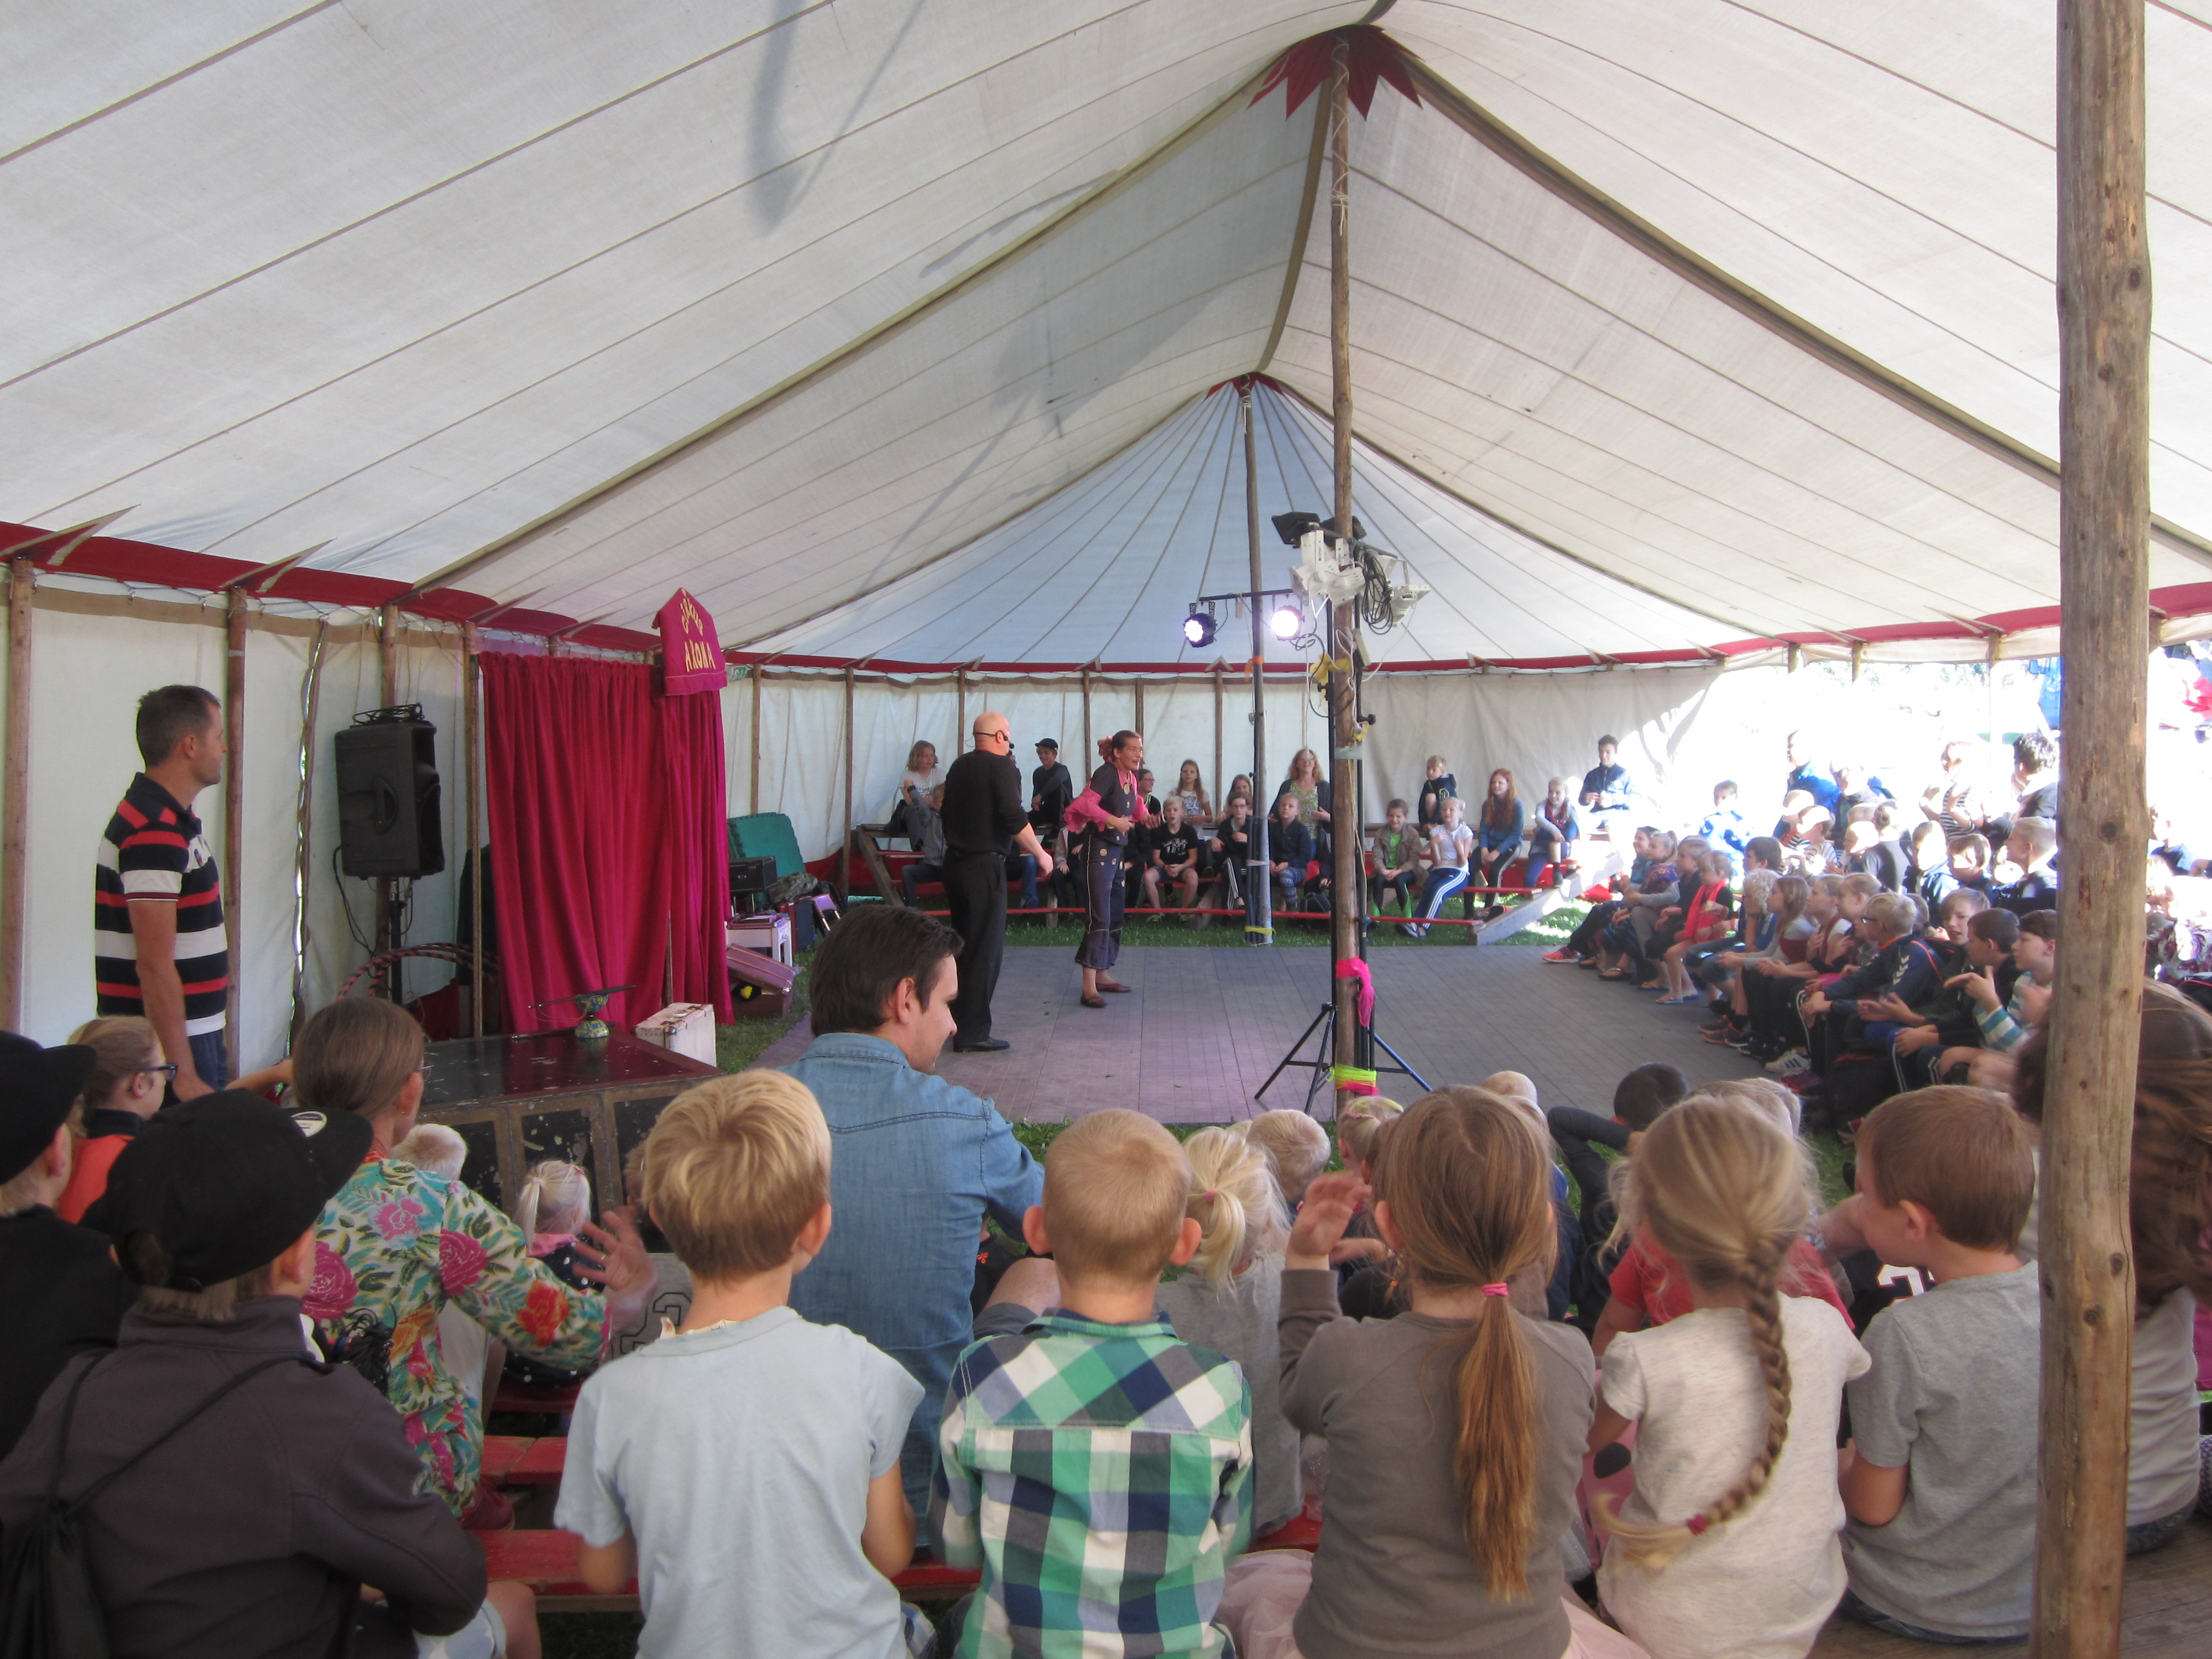 25 års jubilæum på Gården - Cirkus hele ugen